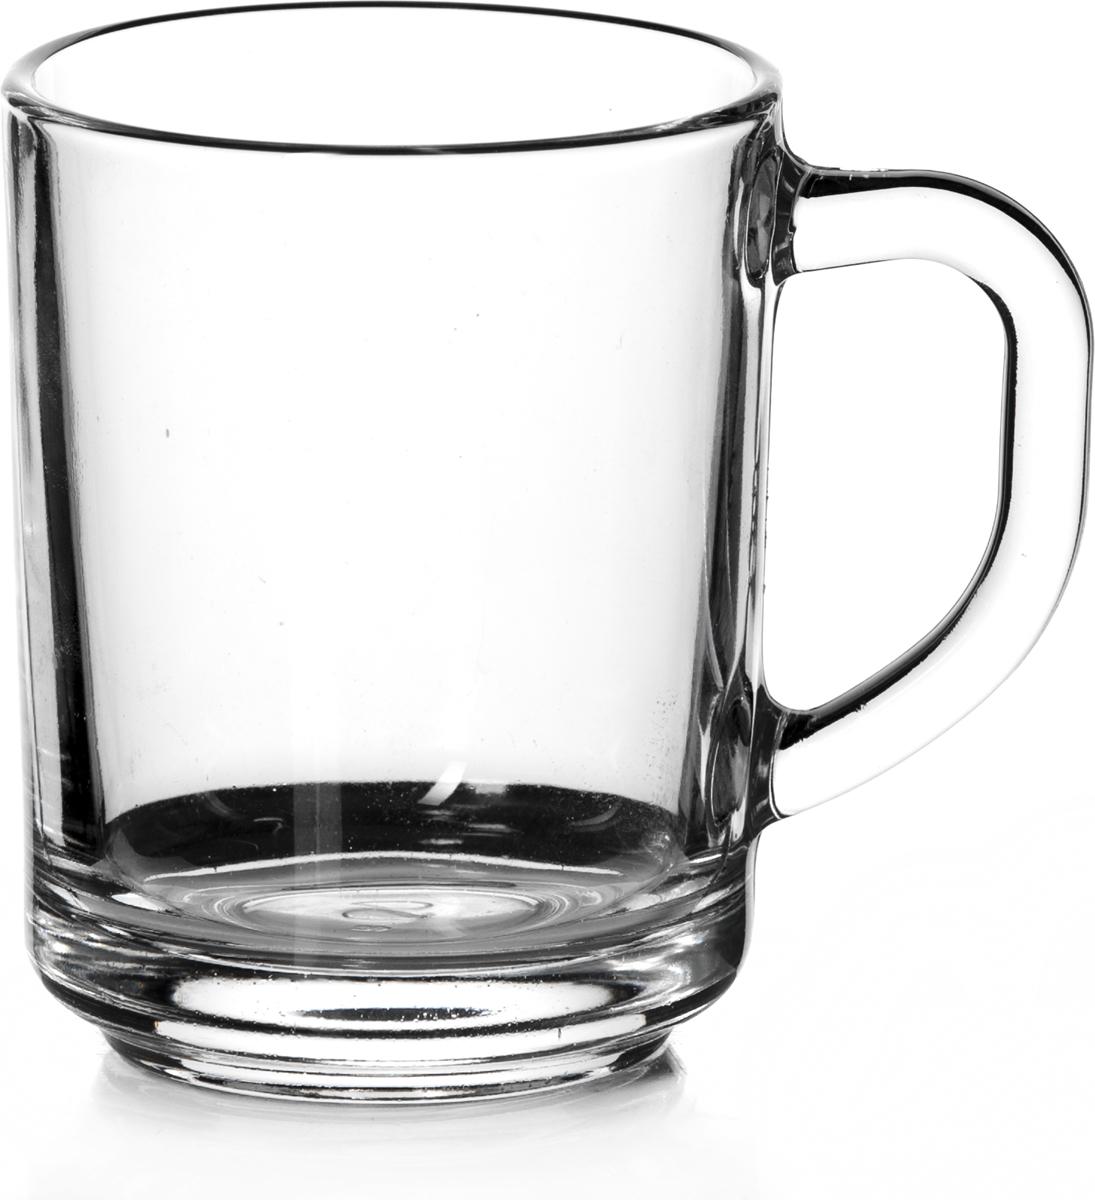 """Кружка Pasabahce """"Паб"""" с ручкой для чая, прозрачная из закаленного стекла идеально подходит для сервировки стола. Кружка не только украсит ваш кухонный стол, но и подчеркнет прекрасный вкус хозяйки."""